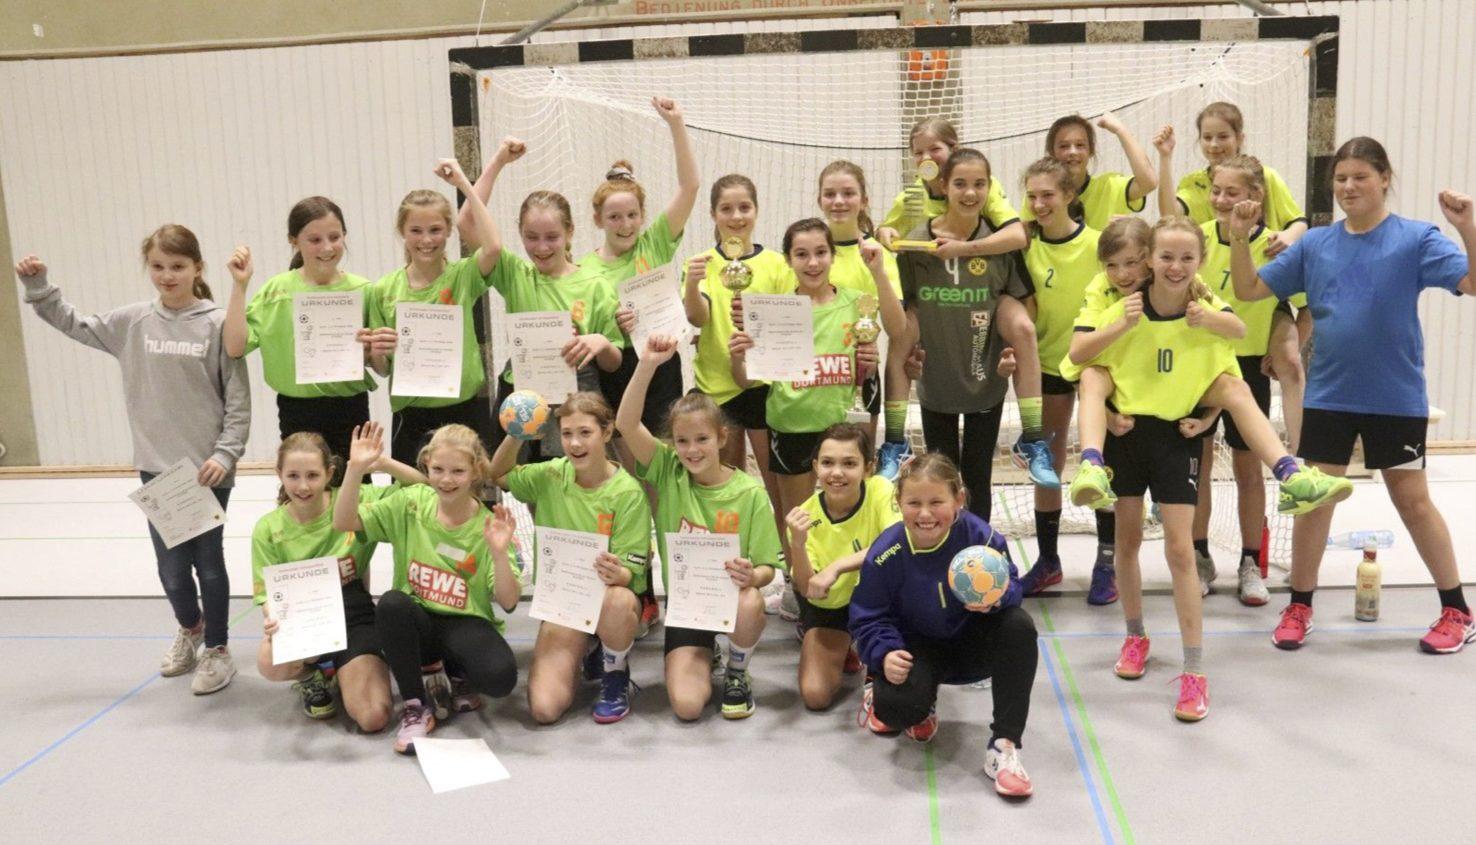 WK IV Handballer/innen holen Stadtmeister- und Vizestadtmeistertitel